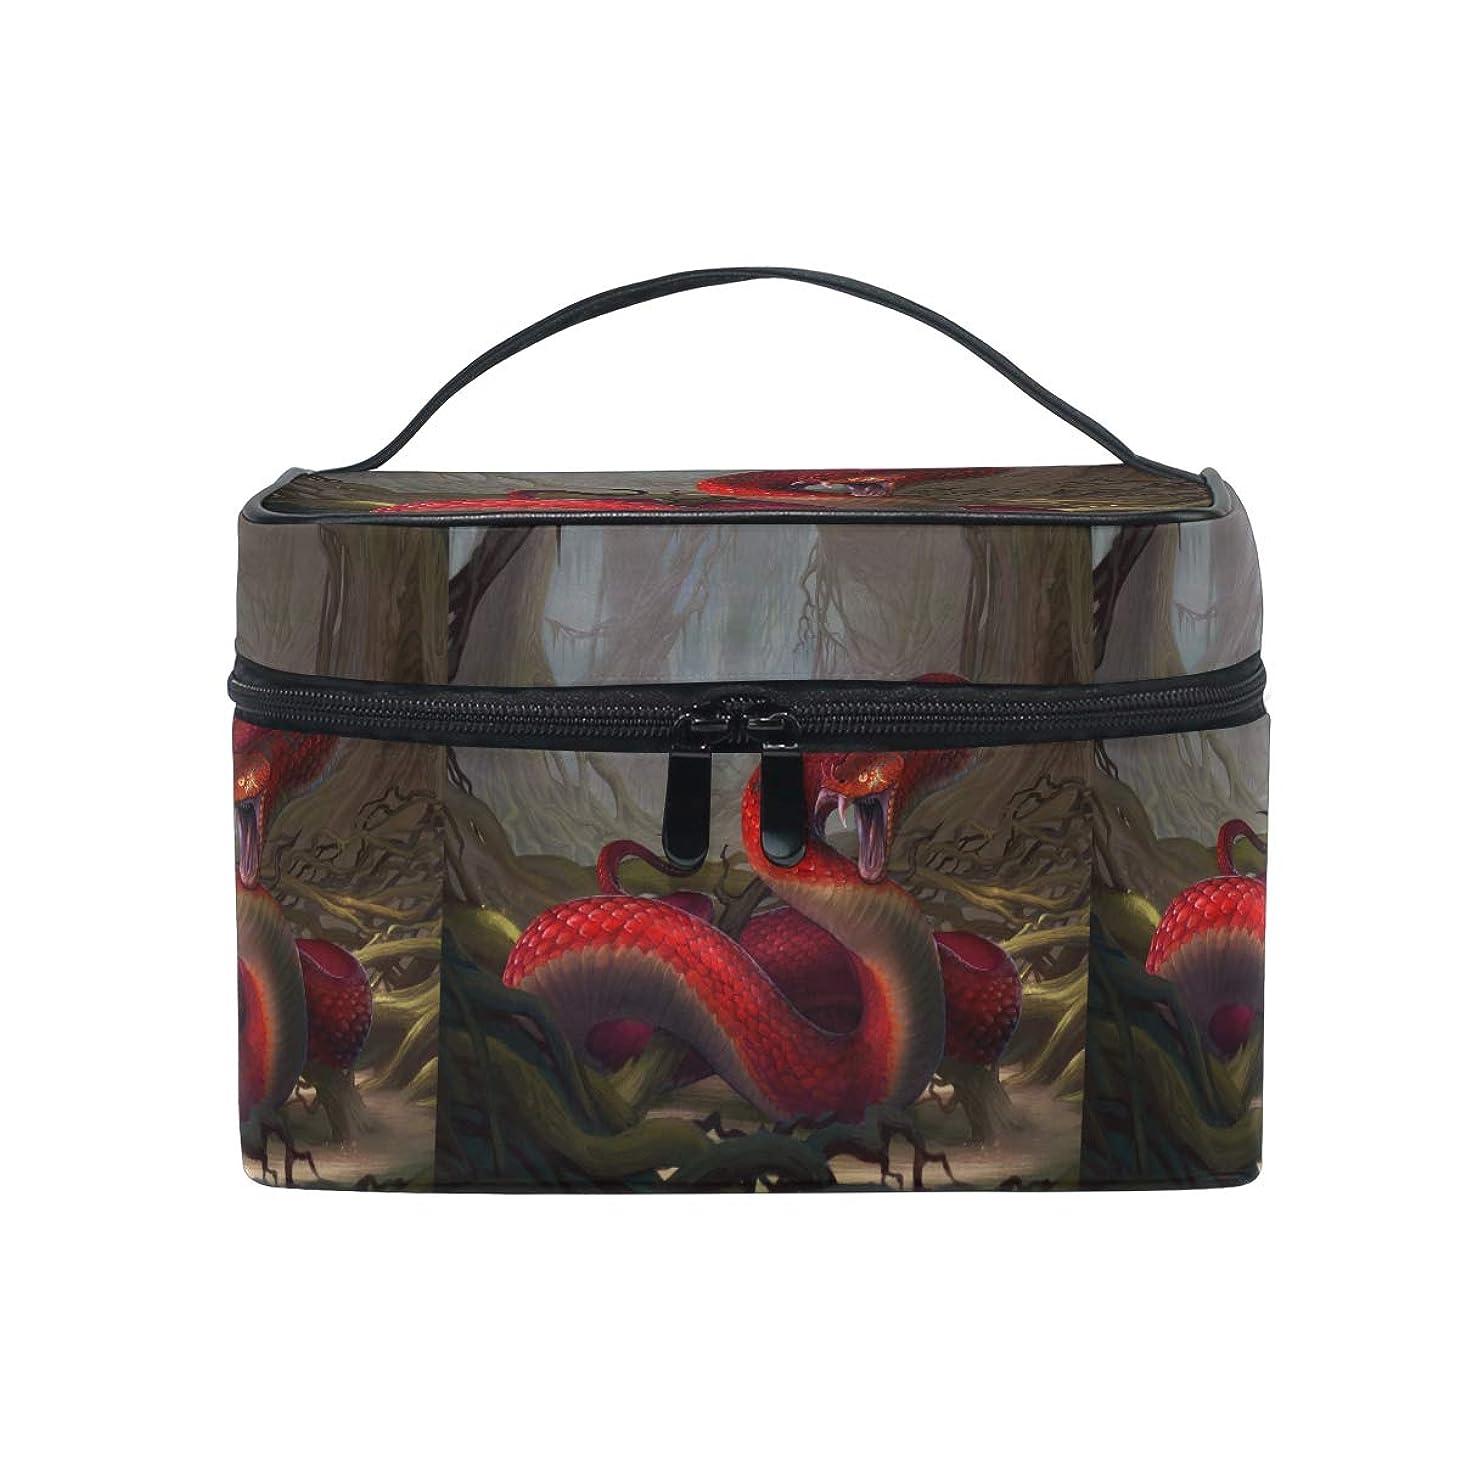 適合しました出来事バインドクールなビンテージワイルドスネークメイクバッグ 旅行 メイクボックス バッグ トイレタリー トレイン ケース レディース 美容 化粧ポーチ ポーチ